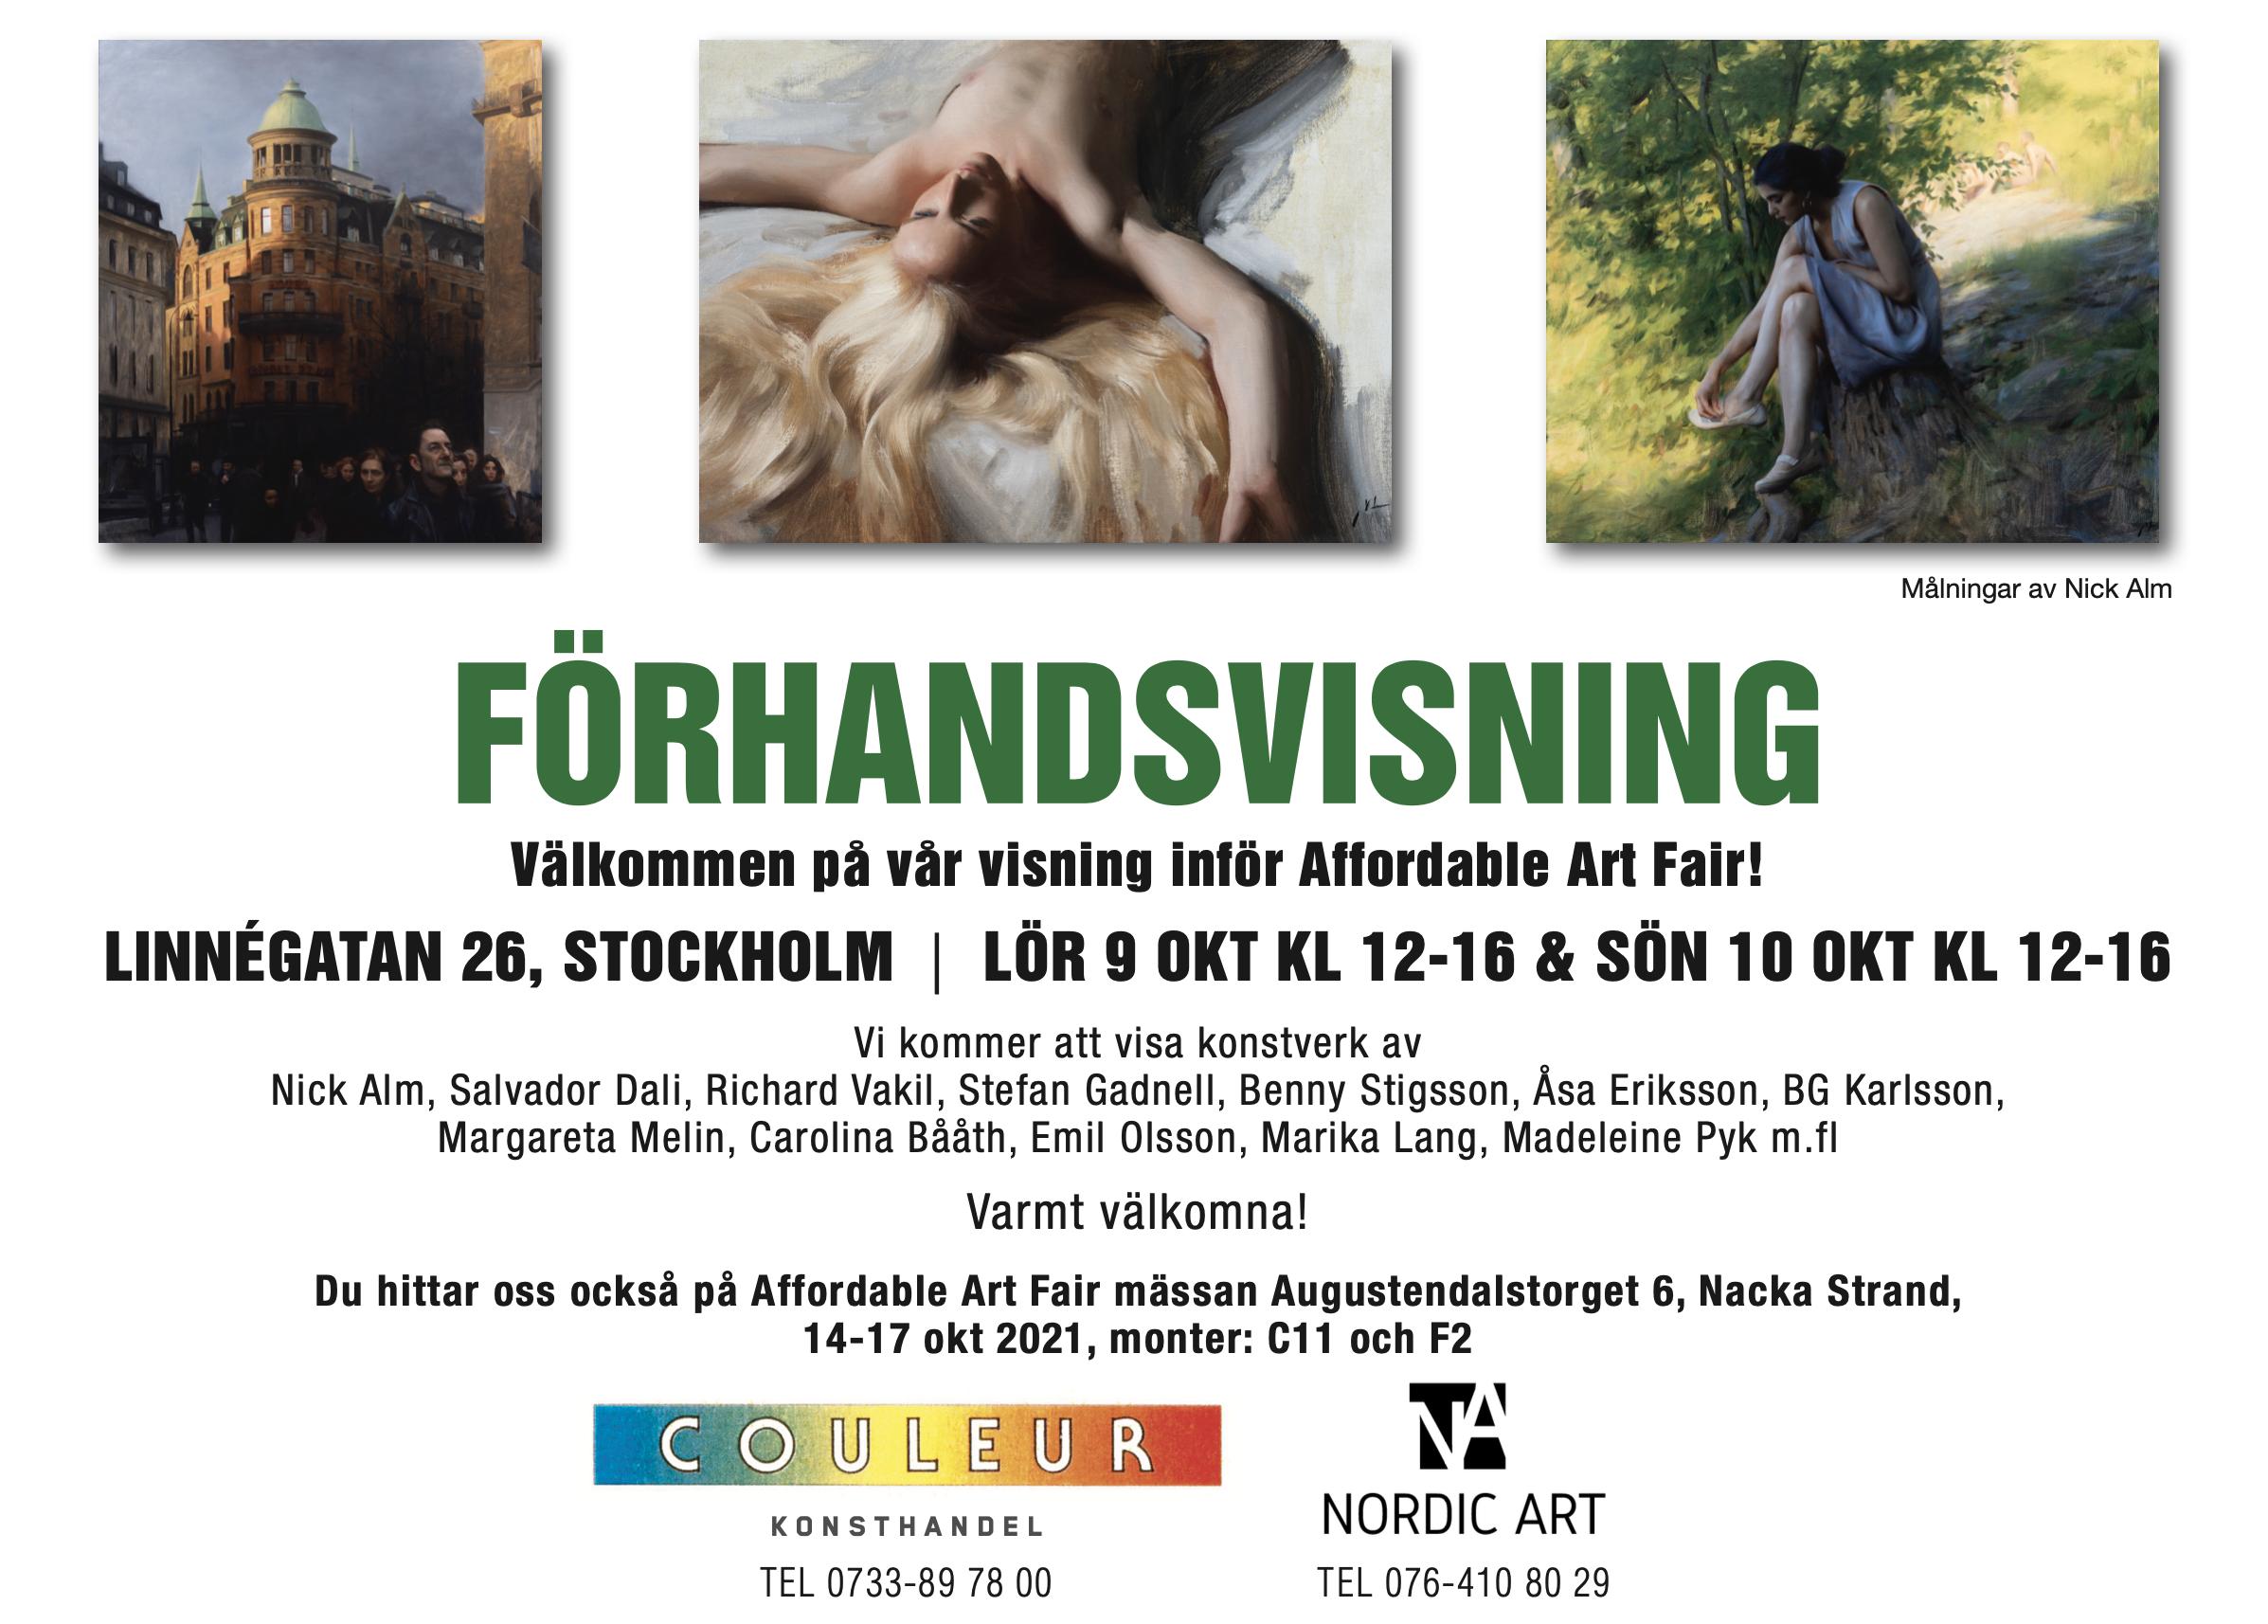 Förhandsvisning inför Affordable Art Fair